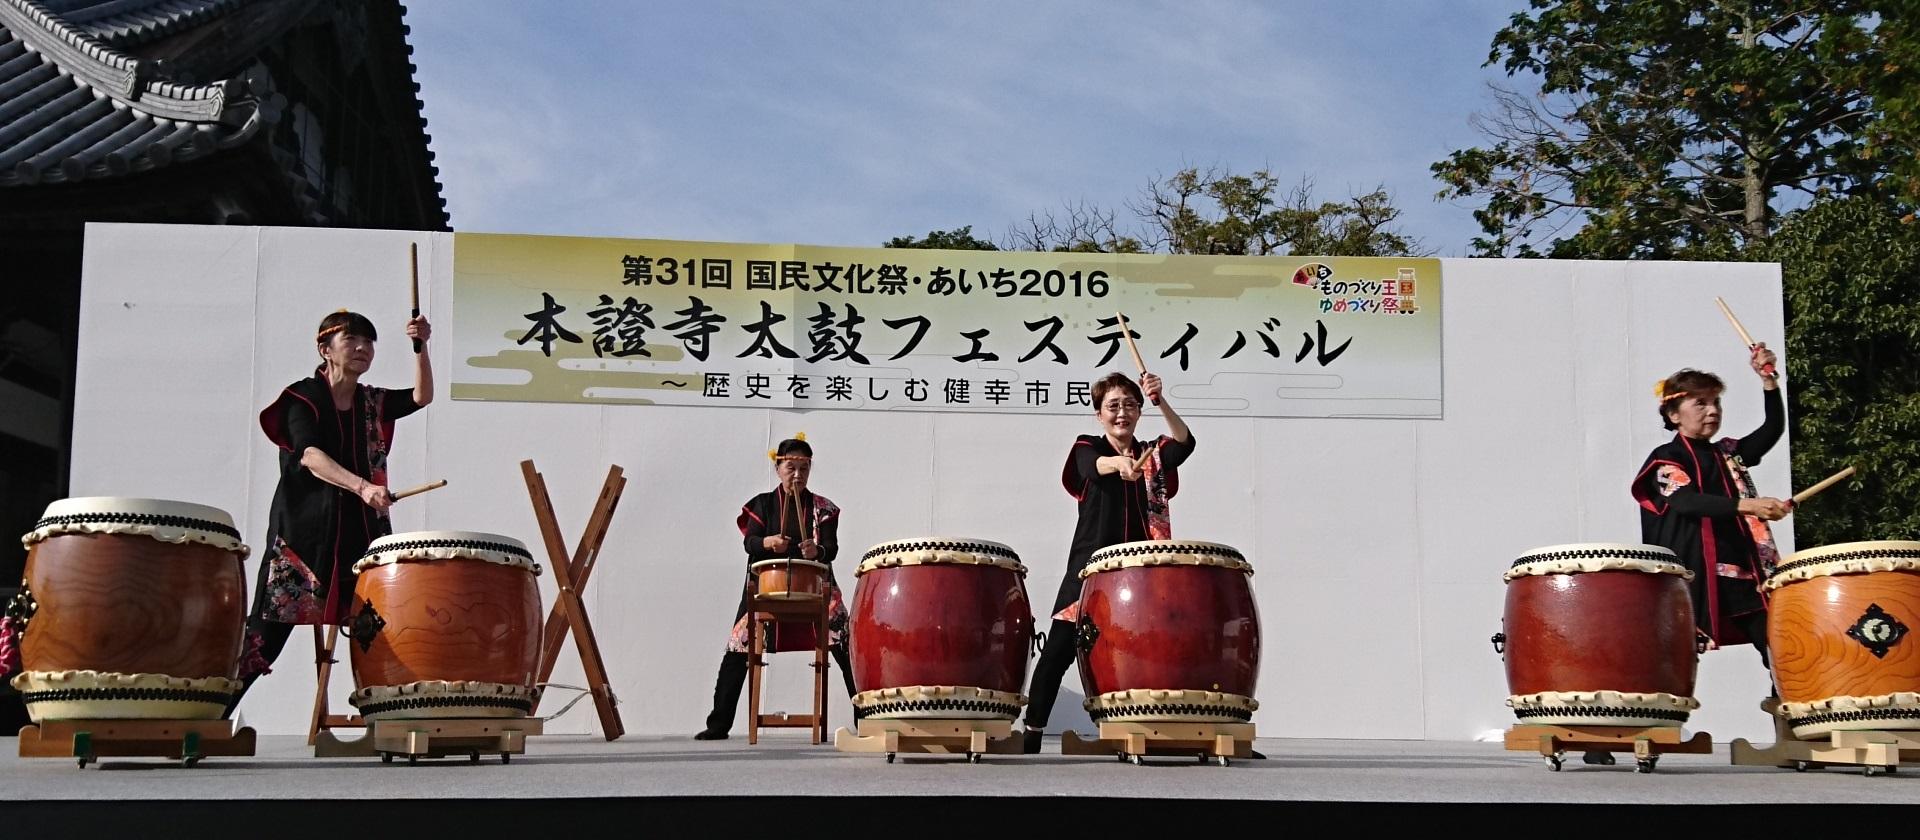 2016.11.20 本証寺 - どんば (4)